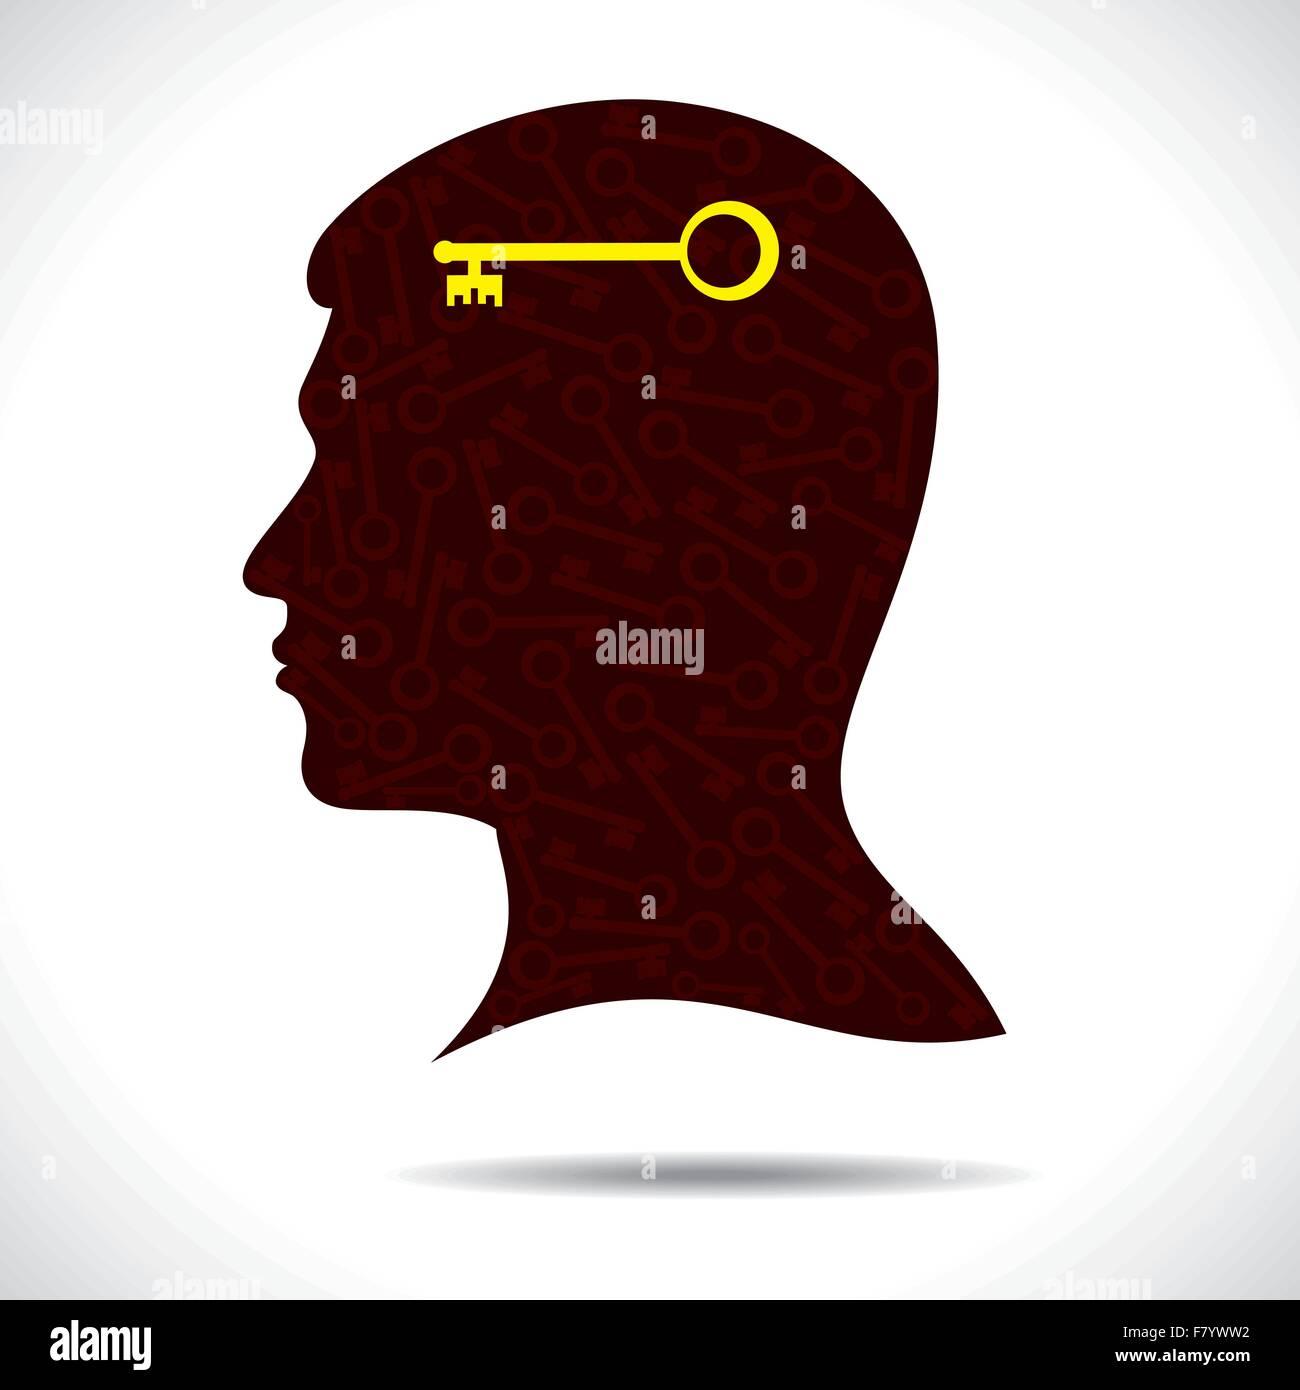 Clé de succès dans la tête humaine Photo Stock